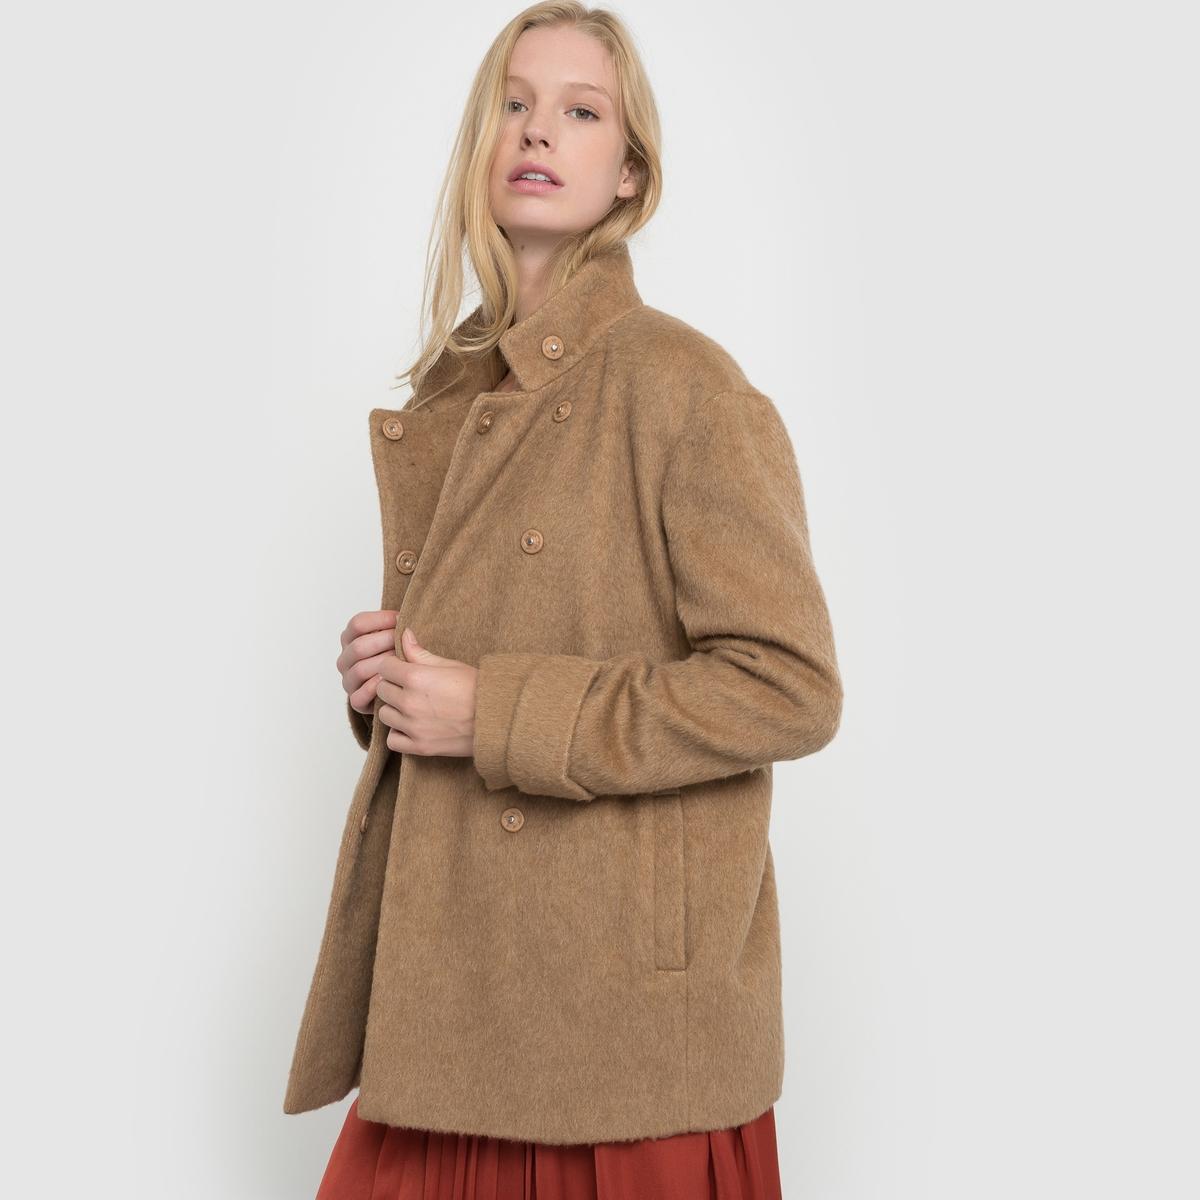 Пальто короткое с воротником-стойкойКороткое пальто прямого покроя. Высокий воротник. Двойная застёжка на кнопки. Паты на манжетах. Карманы по бокам. Хлястик сзади. Состав и описаниеМатериал: 35% полиэстера, 30% шерсти, 18% вискозы, 9% хлопка, 8% шерсти мериноса.                        Подкладка: 100% полиэстер.Длина:  70 см.Марка         atelier RУход- Сухая (химическая) чистка.- Не отбеливать.- Гладить при низкой температуре.- Машинная сушка запрещена.<br><br>Цвет: бордовый,темно-бежевый<br>Размер: 52 (FR) - 58 (RUS).44 (FR) - 50 (RUS).52 (FR) - 58 (RUS).46 (FR) - 52 (RUS).38 (FR) - 44 (RUS)